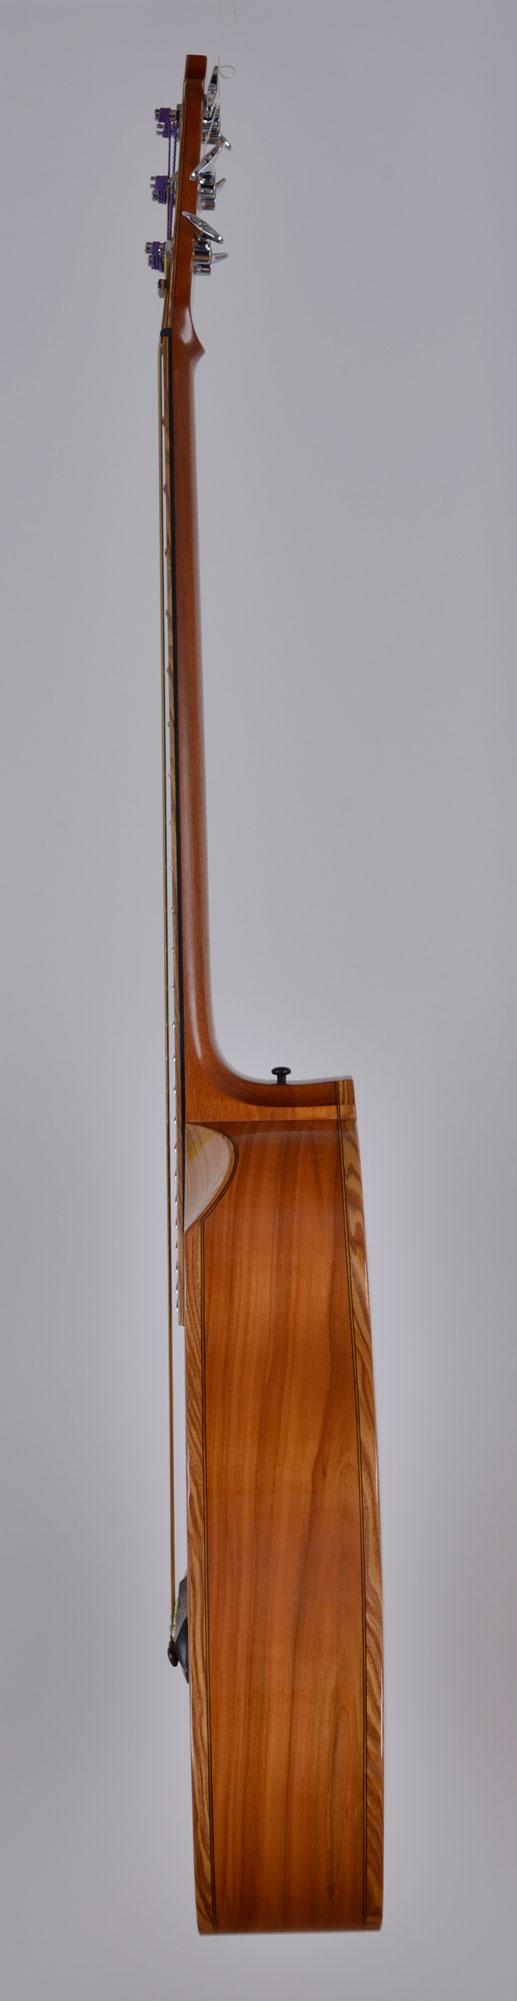 bass-6-02